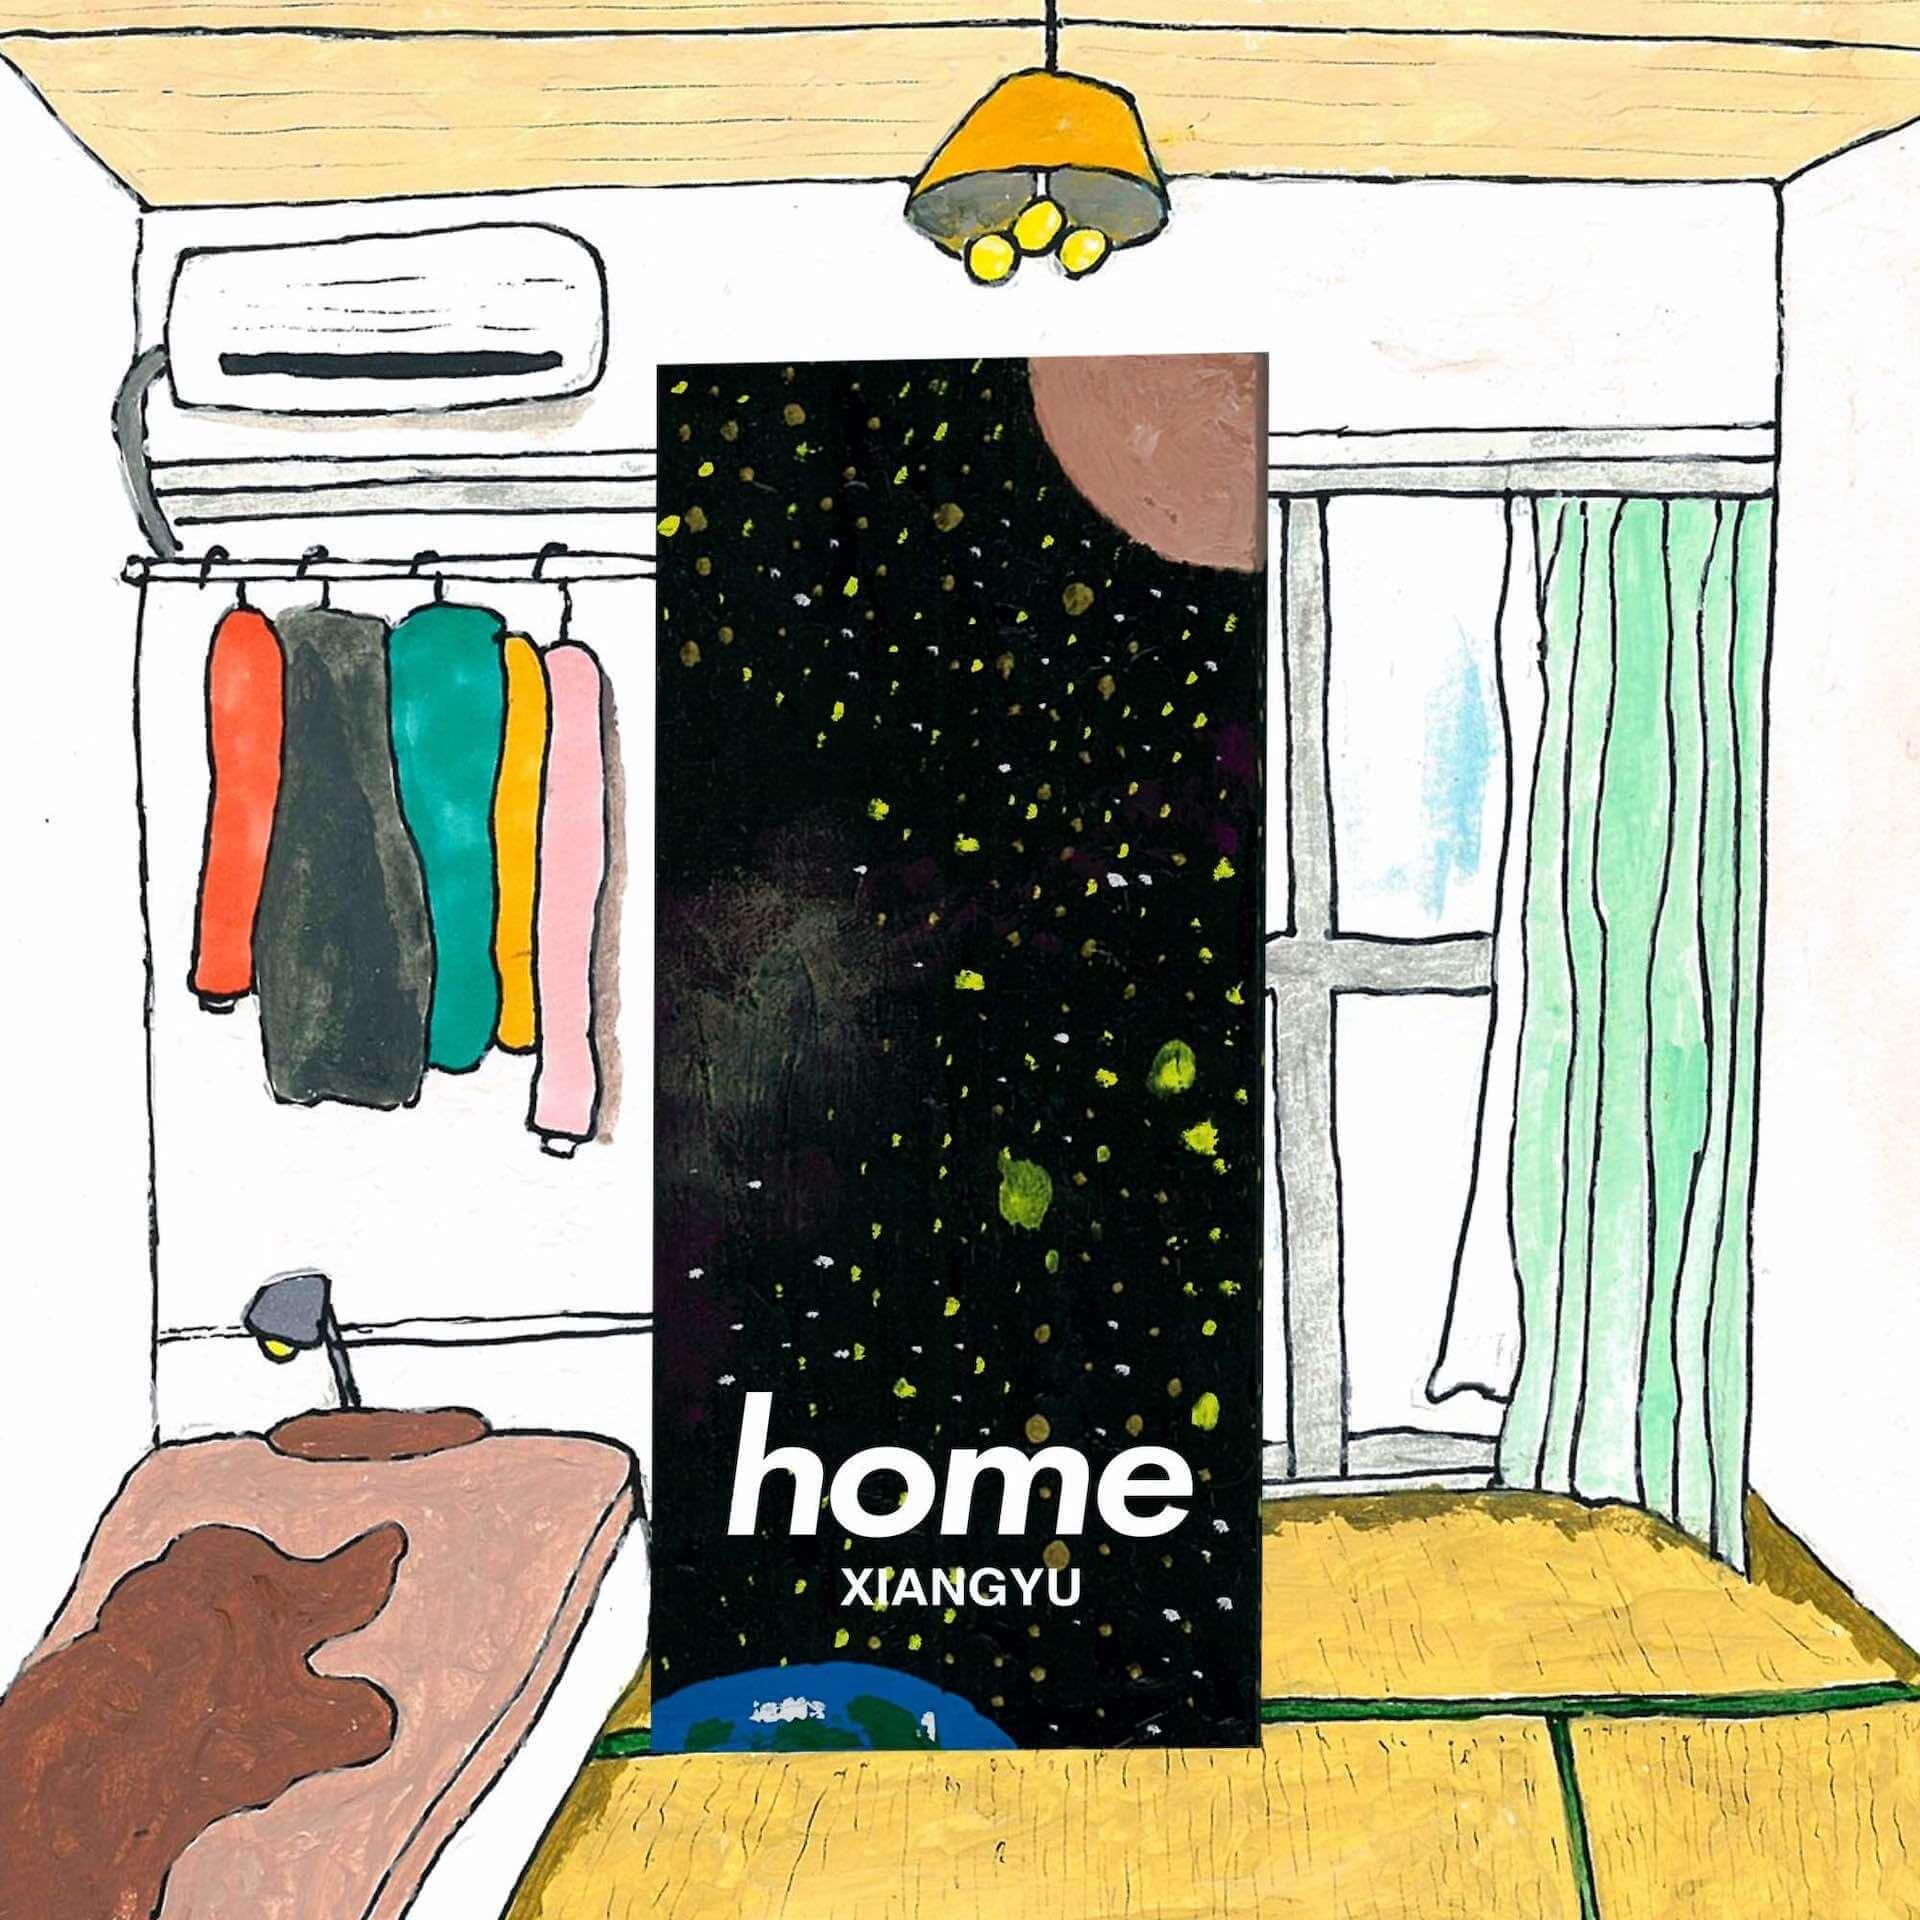 """""""家の間取り""""へのこだわりをラップで綴る!?xiangyuの新曲「home」が本日リリース&MVも解禁 music200327_xiangyu_home_1-1920x1920"""